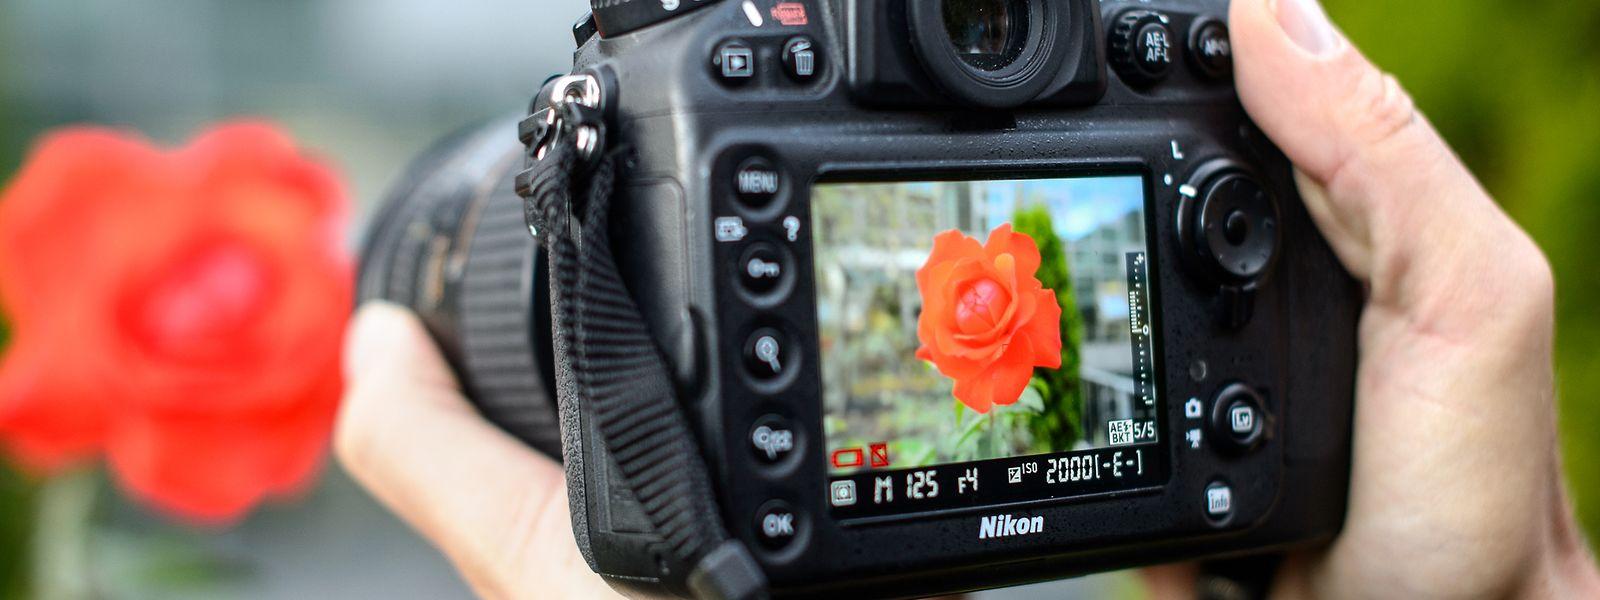 Der optische Sucher: Dessen natürliche Darstellung des Bildmotivs ist vielen Spiegelreflex-Fotografen enorm wichtig.